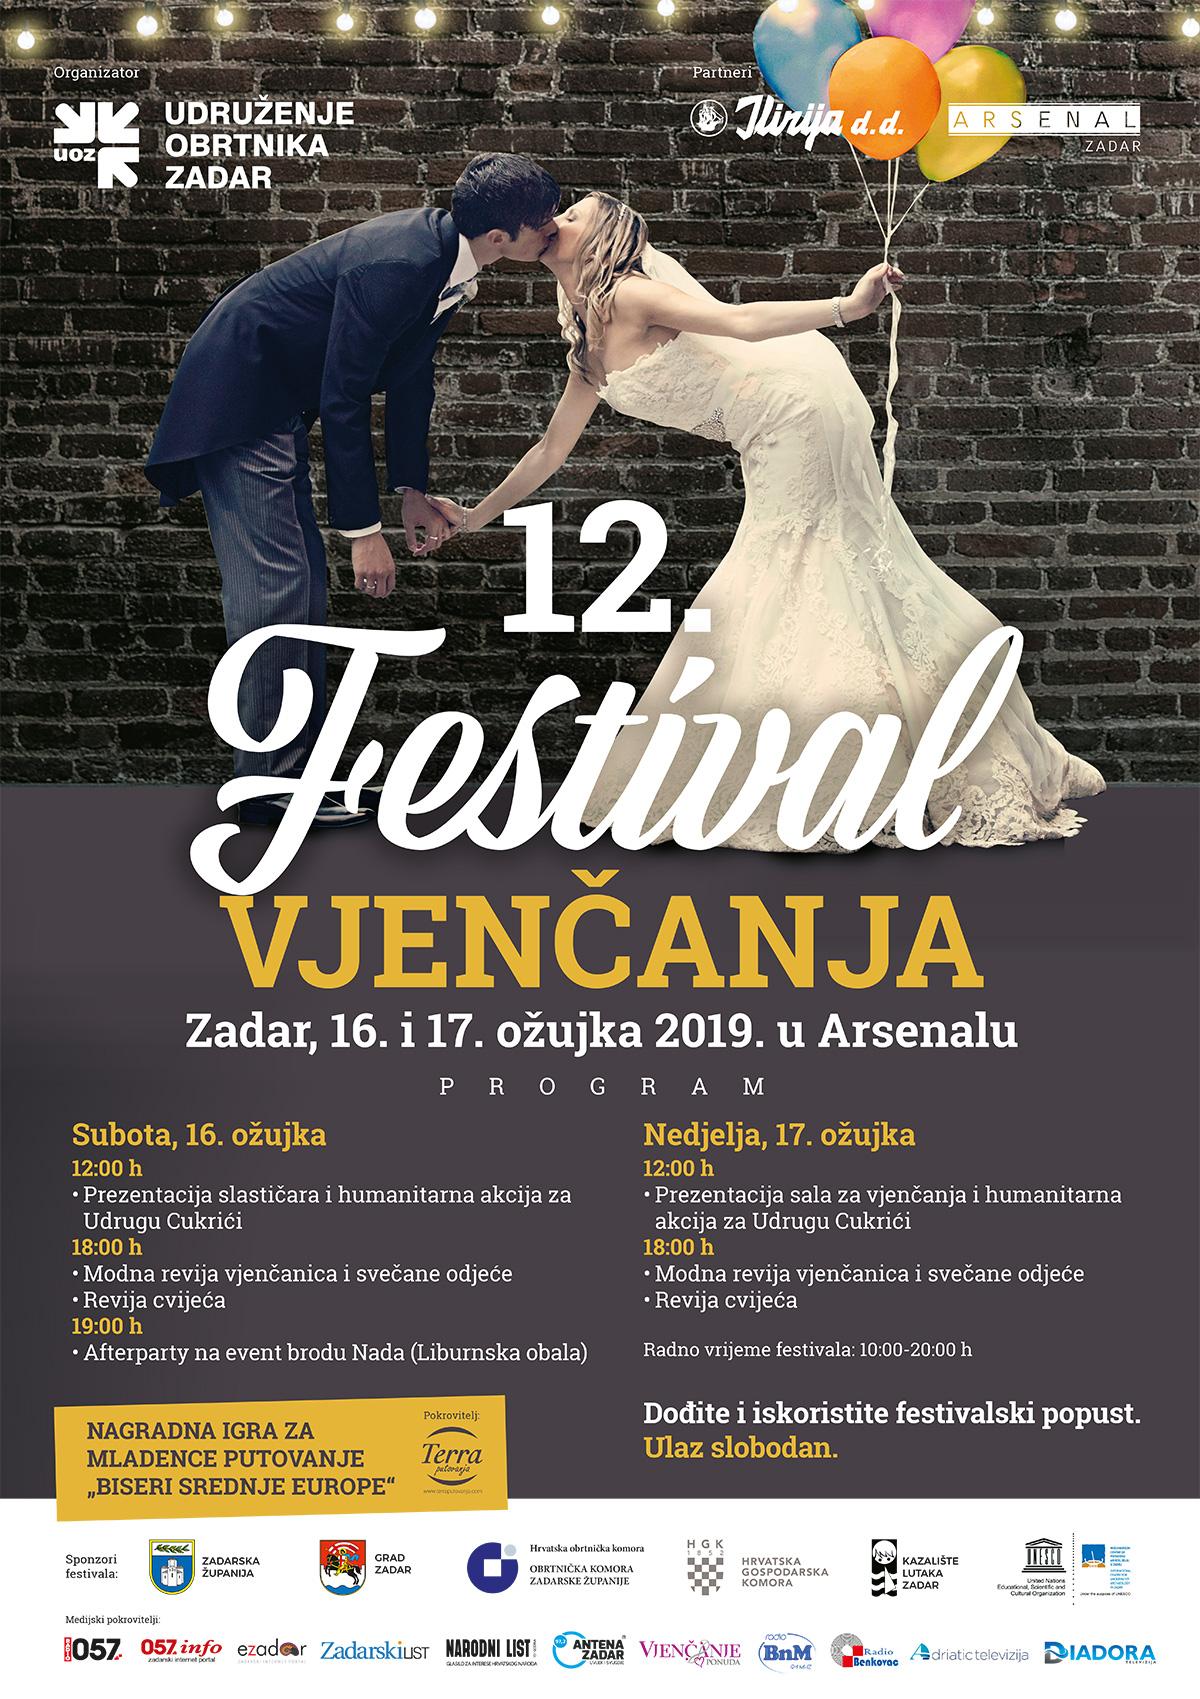 Festival vjenčanja Zadar